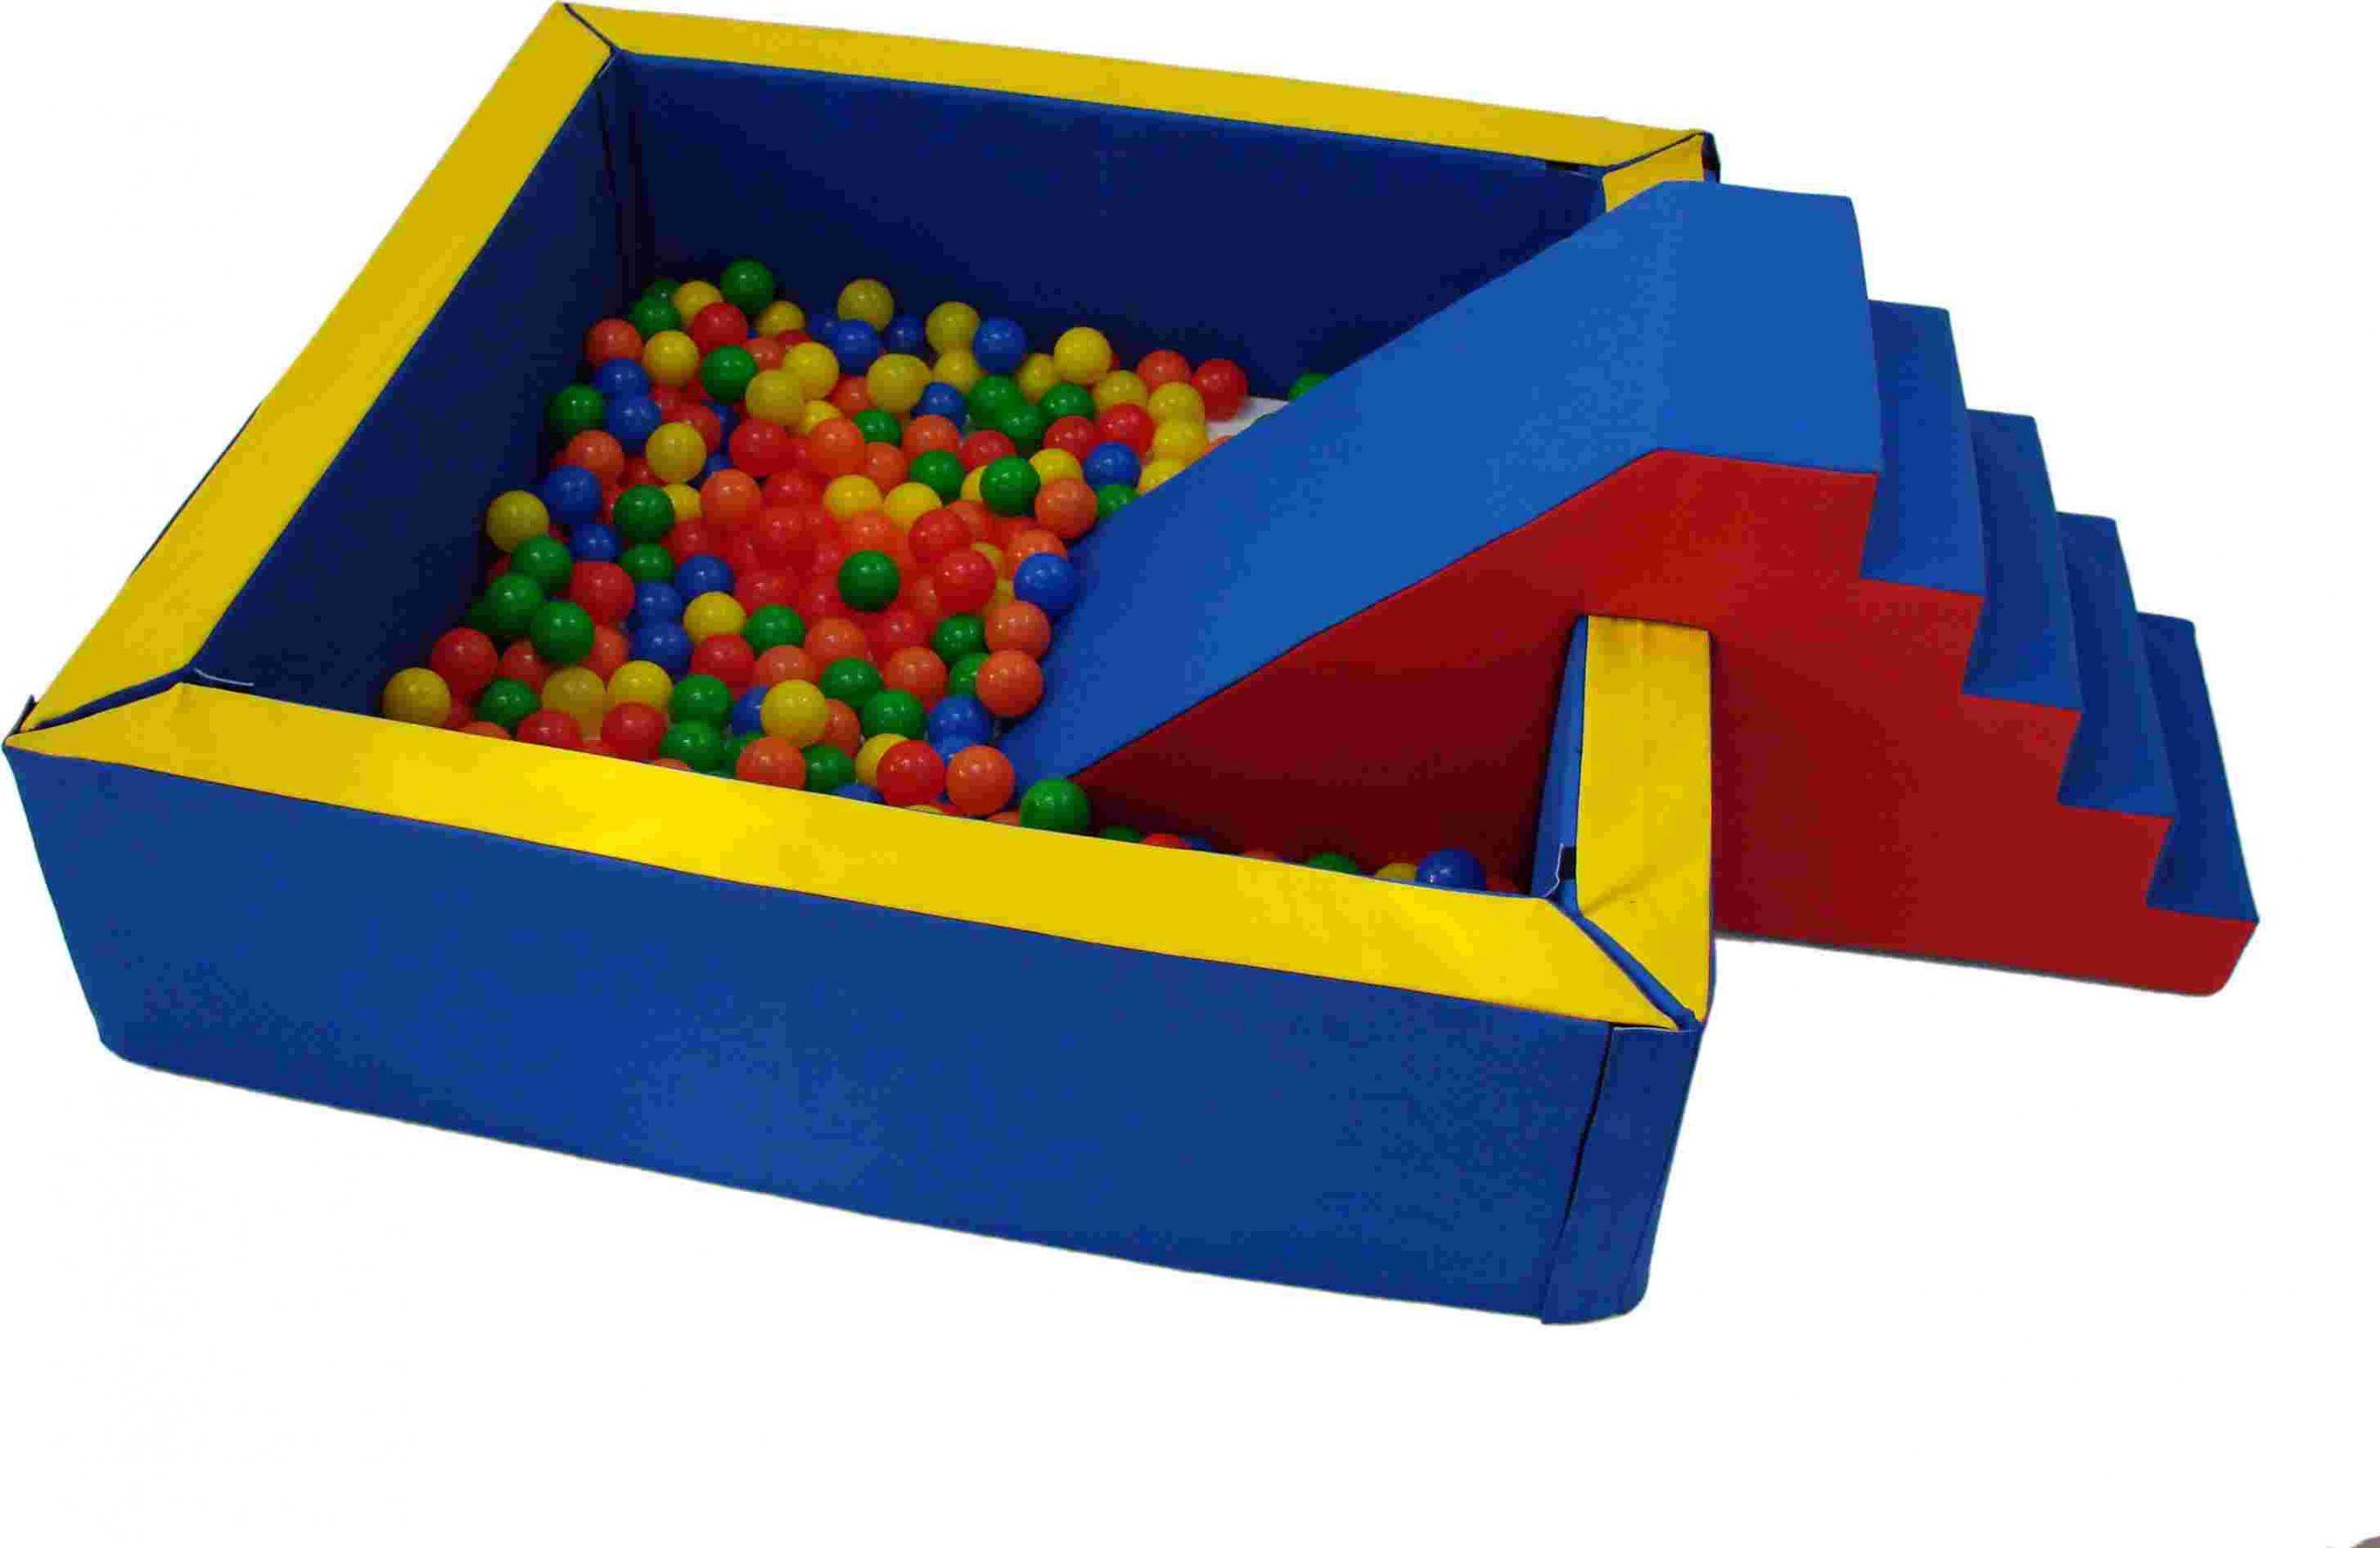 Piscine À Balles Pas Cher - Lareduc serapportantà Piscine A Boule